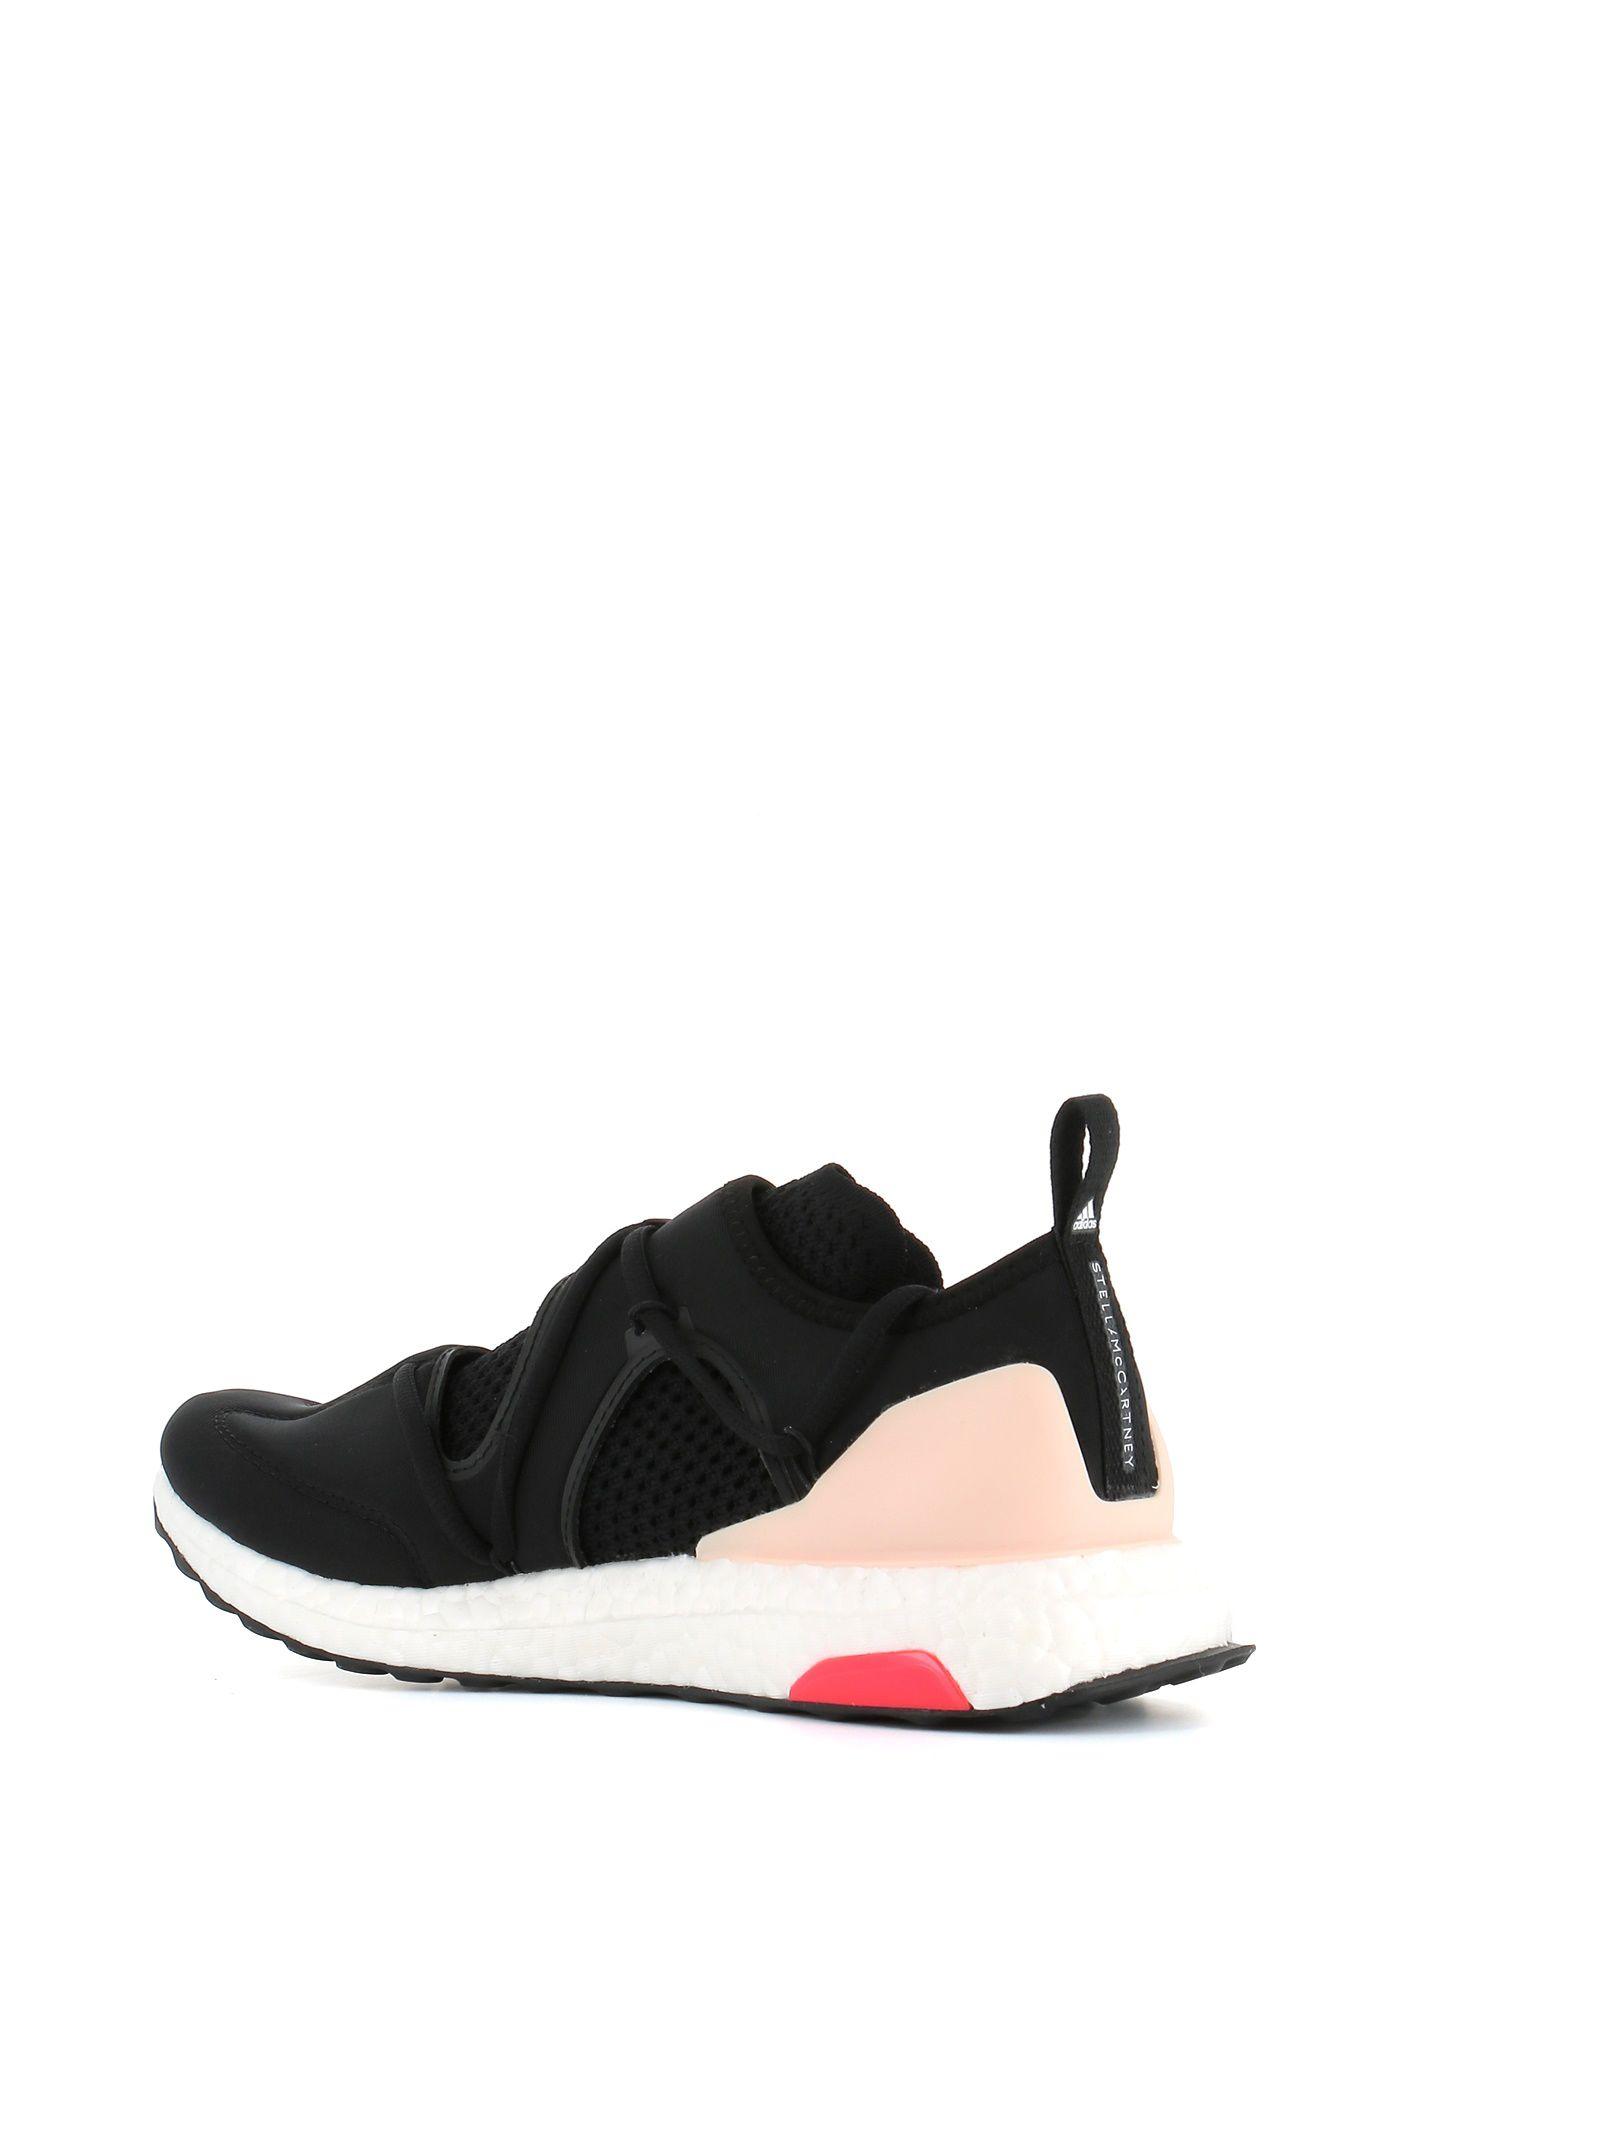 c88b1108b Adidas by Stella McCartney Adidas By Stella Mccartney Sneakers ...